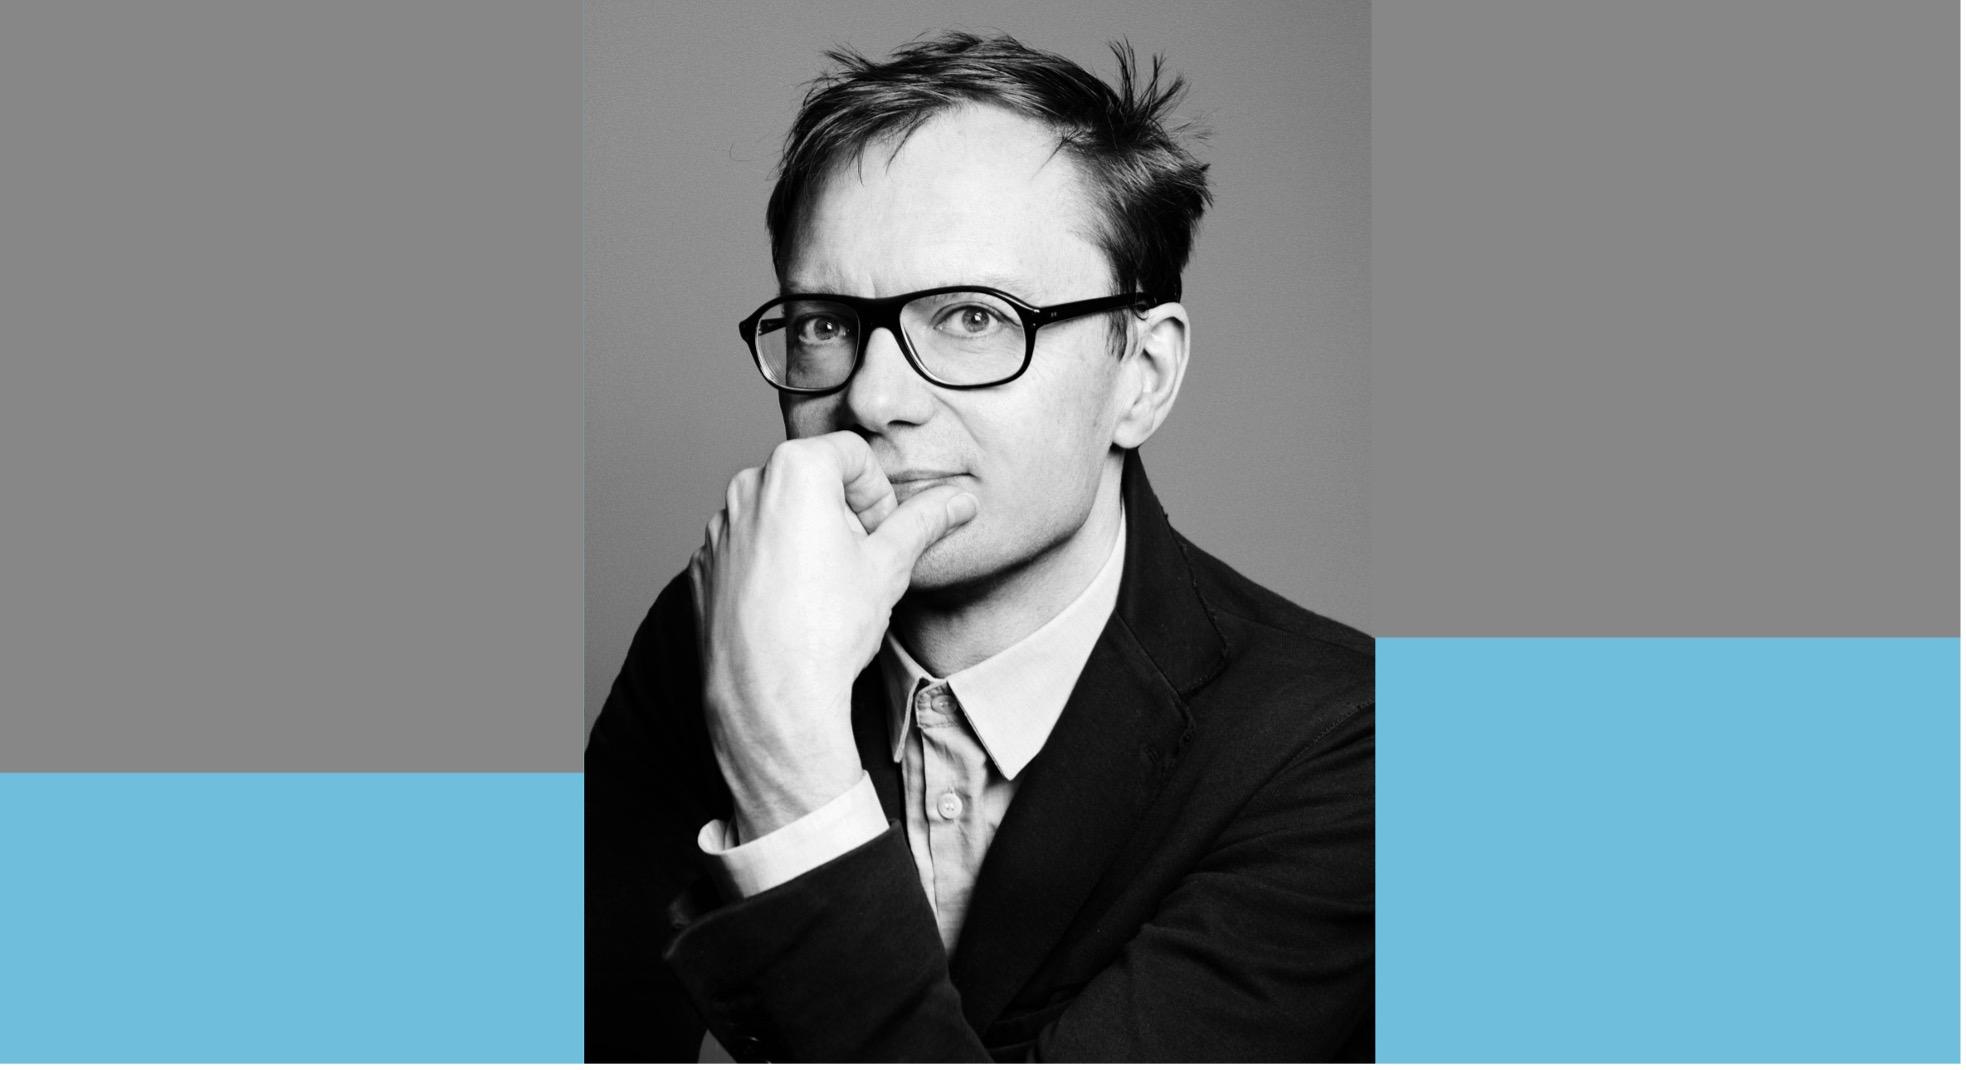 Portrait en noir et blanc de l'artiste Mathieu Mercier.